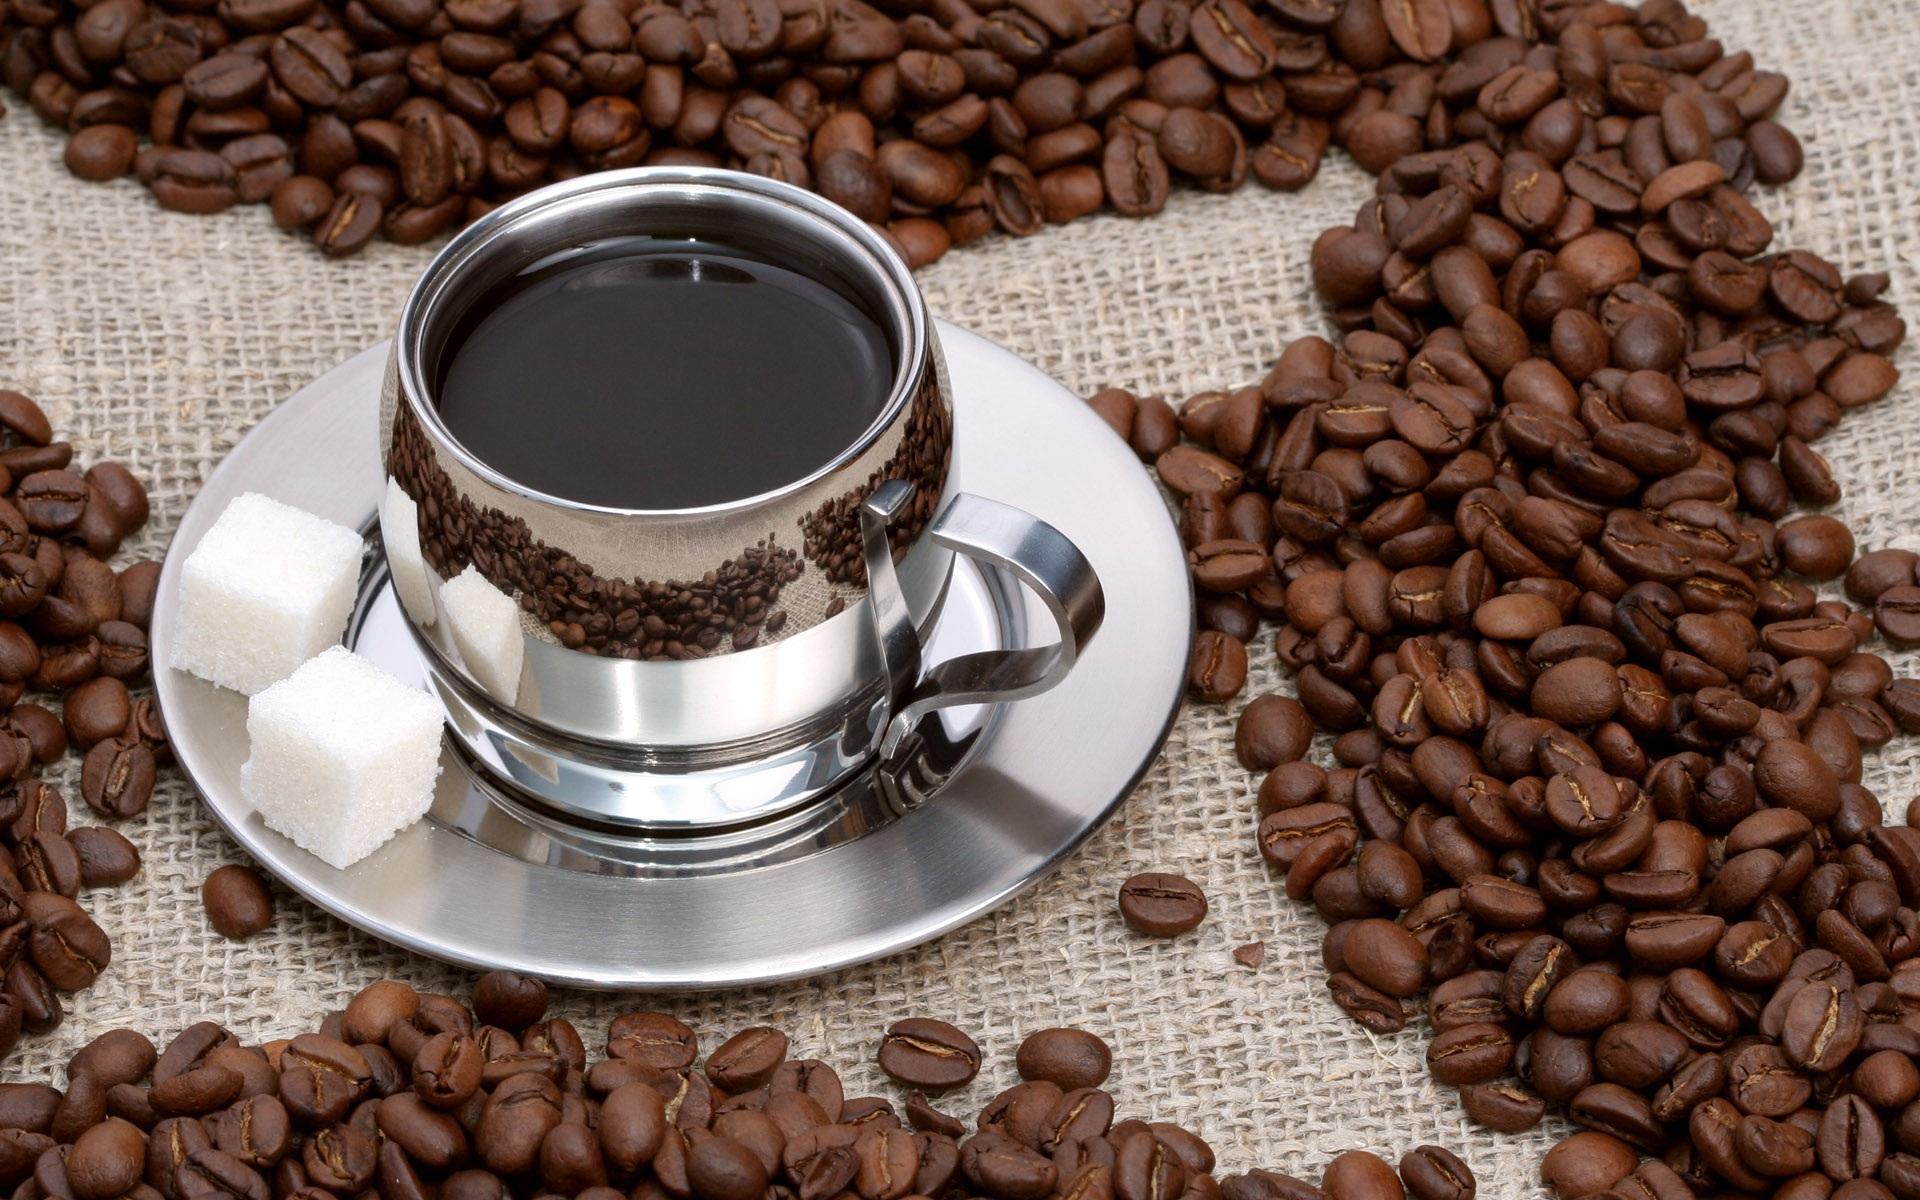 コーヒーとコーヒー豆 壁紙 - 1920x1200    1920x1200 壁紙ダウンロード